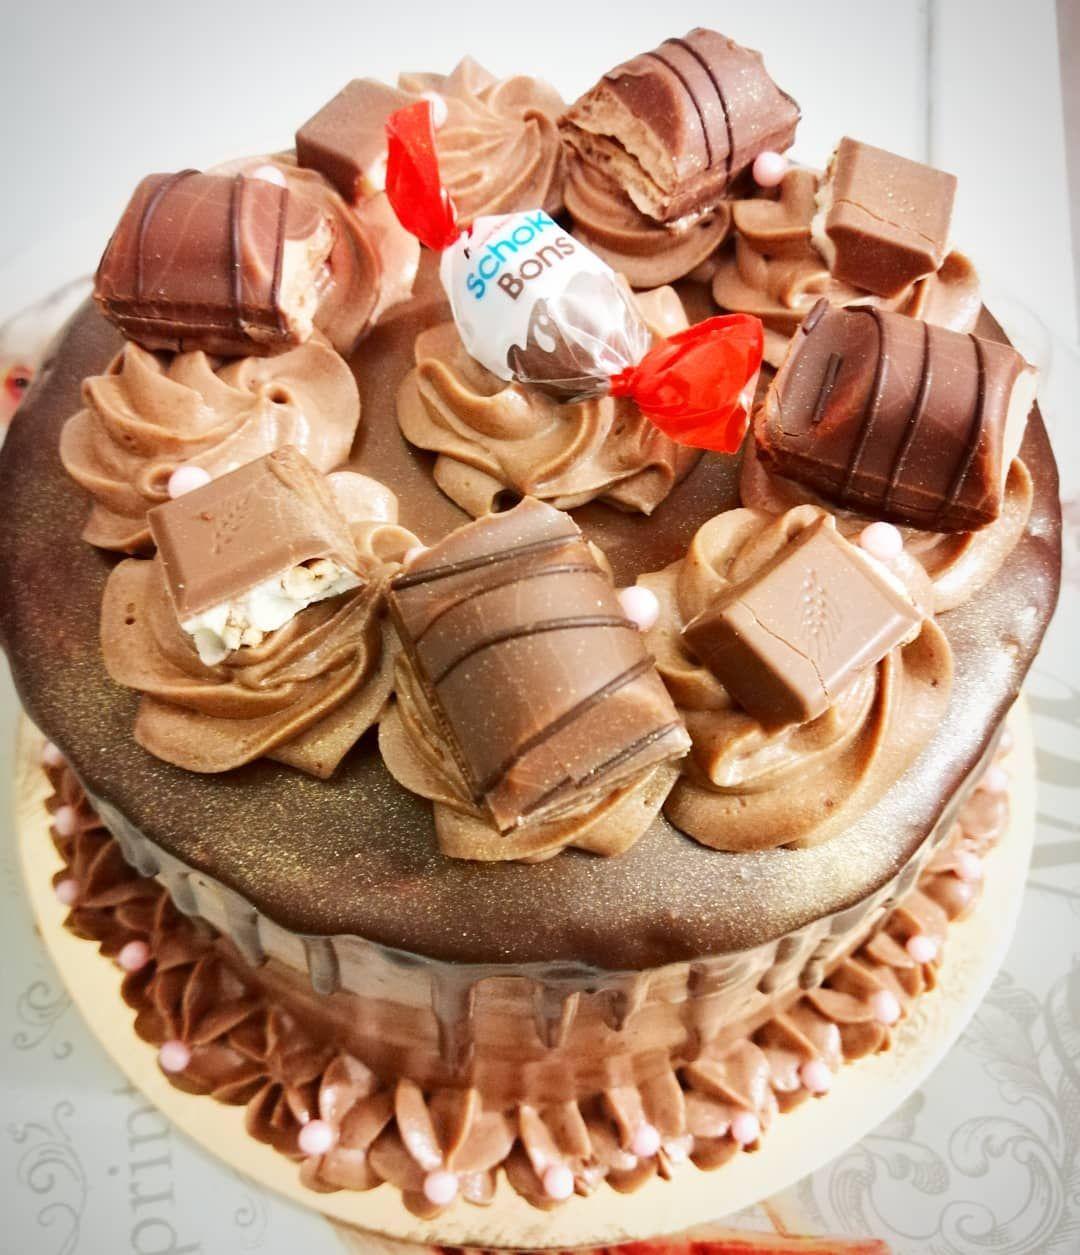 Oh Le Beau Et Super Bon Gateau D Une De Mes Copines Pour Son Anniversaire Je Veux Le Meme Pour Moi Food Desserts Cake